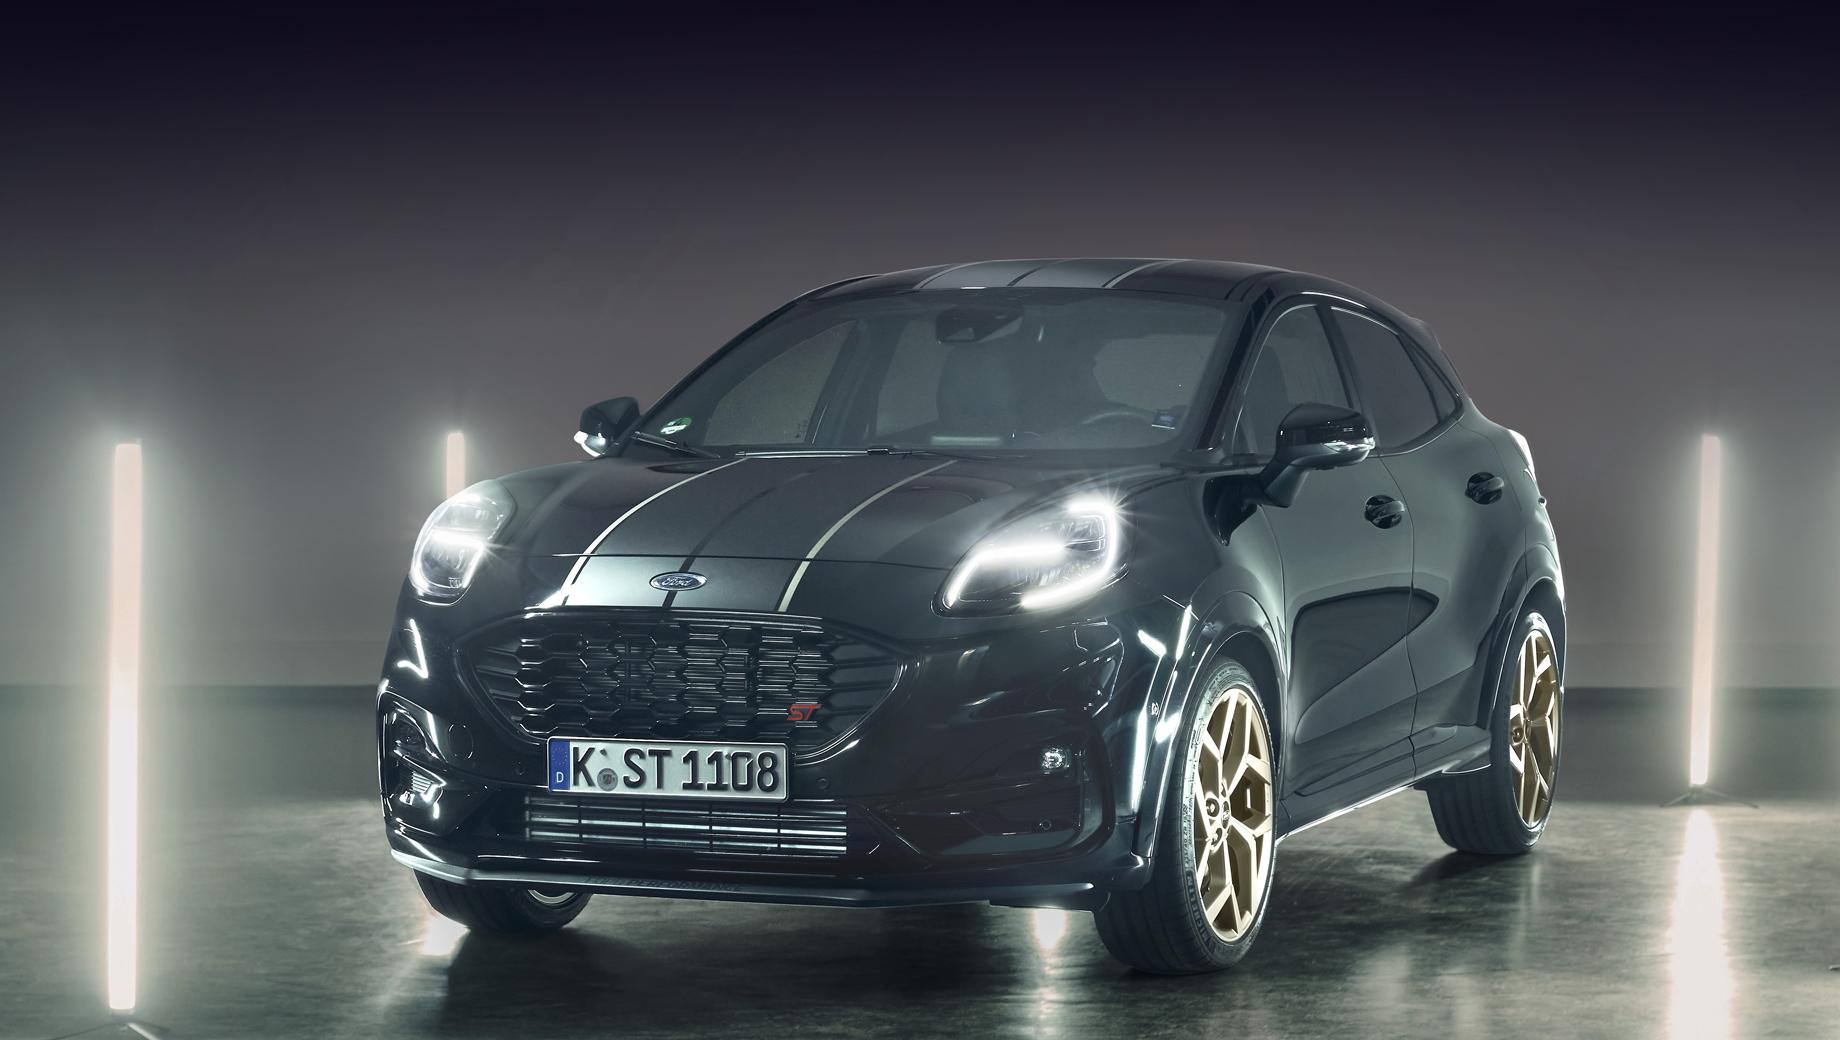 Ford puma,Ford puma st. Основной цвет кузова оказался чёрным, вдоль него пропущены серо-серебристые и золотистые наклеенные полосы, светло-золотистого (или скорее светло-бронзового) оттенка стали колёсные диски.